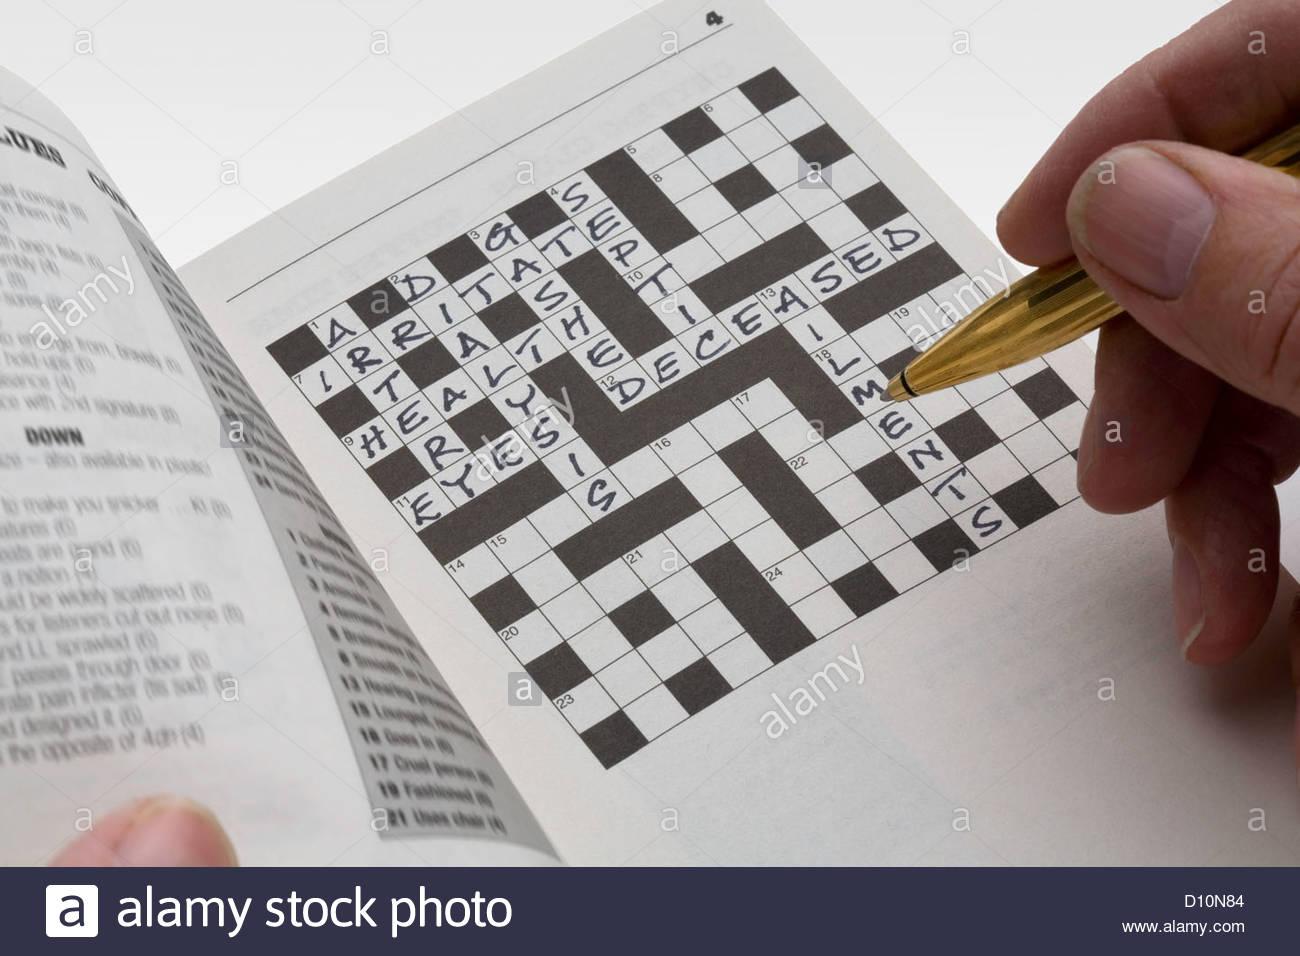 Füllung der Mensch ist ein Kreuzworträtsel rund um Gesundheit. Stockbild